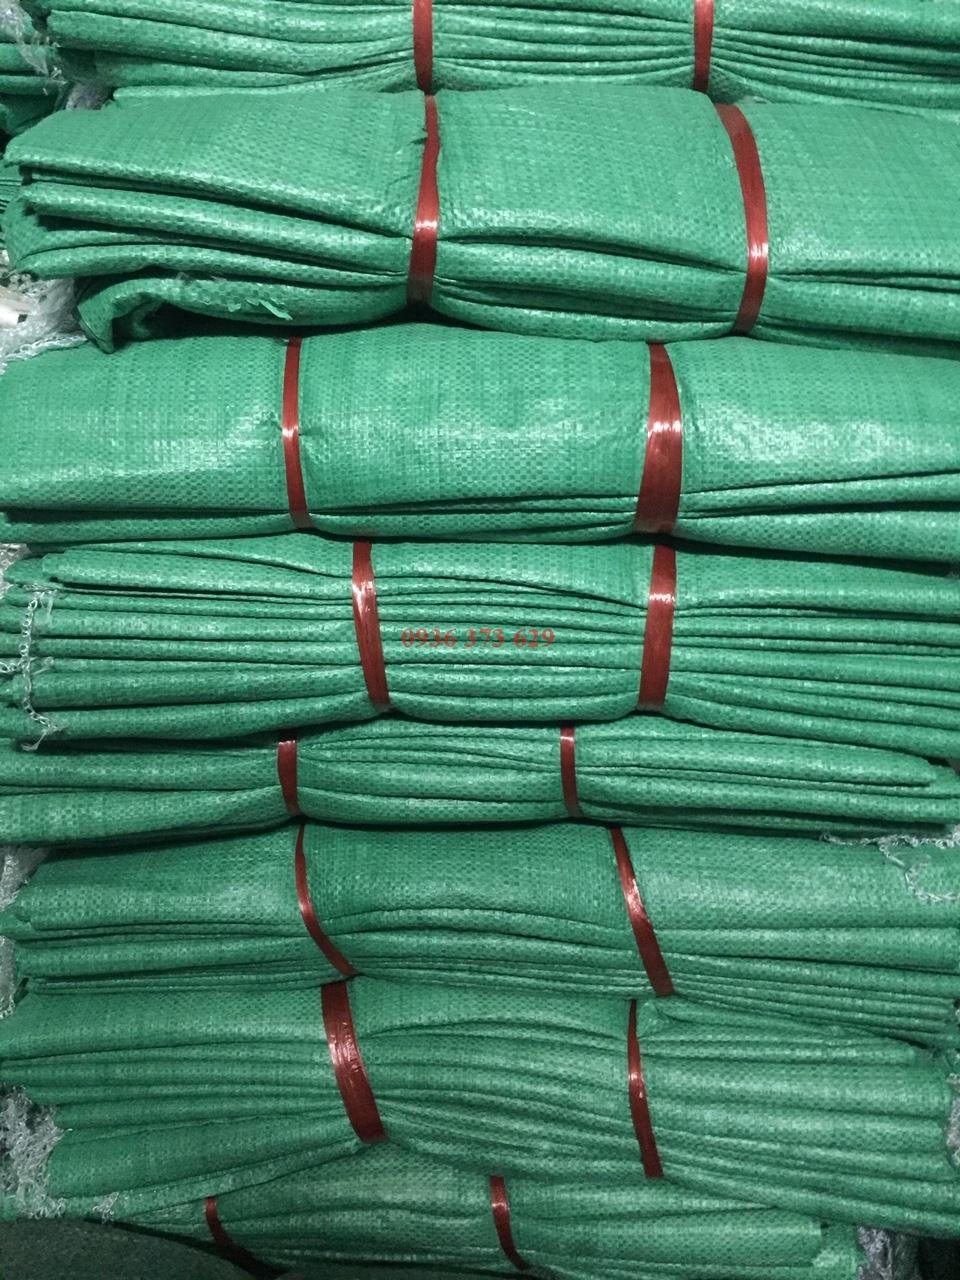 Bao tải mới | Nhà sản xuất và cung cấp Minh Sơn MSC